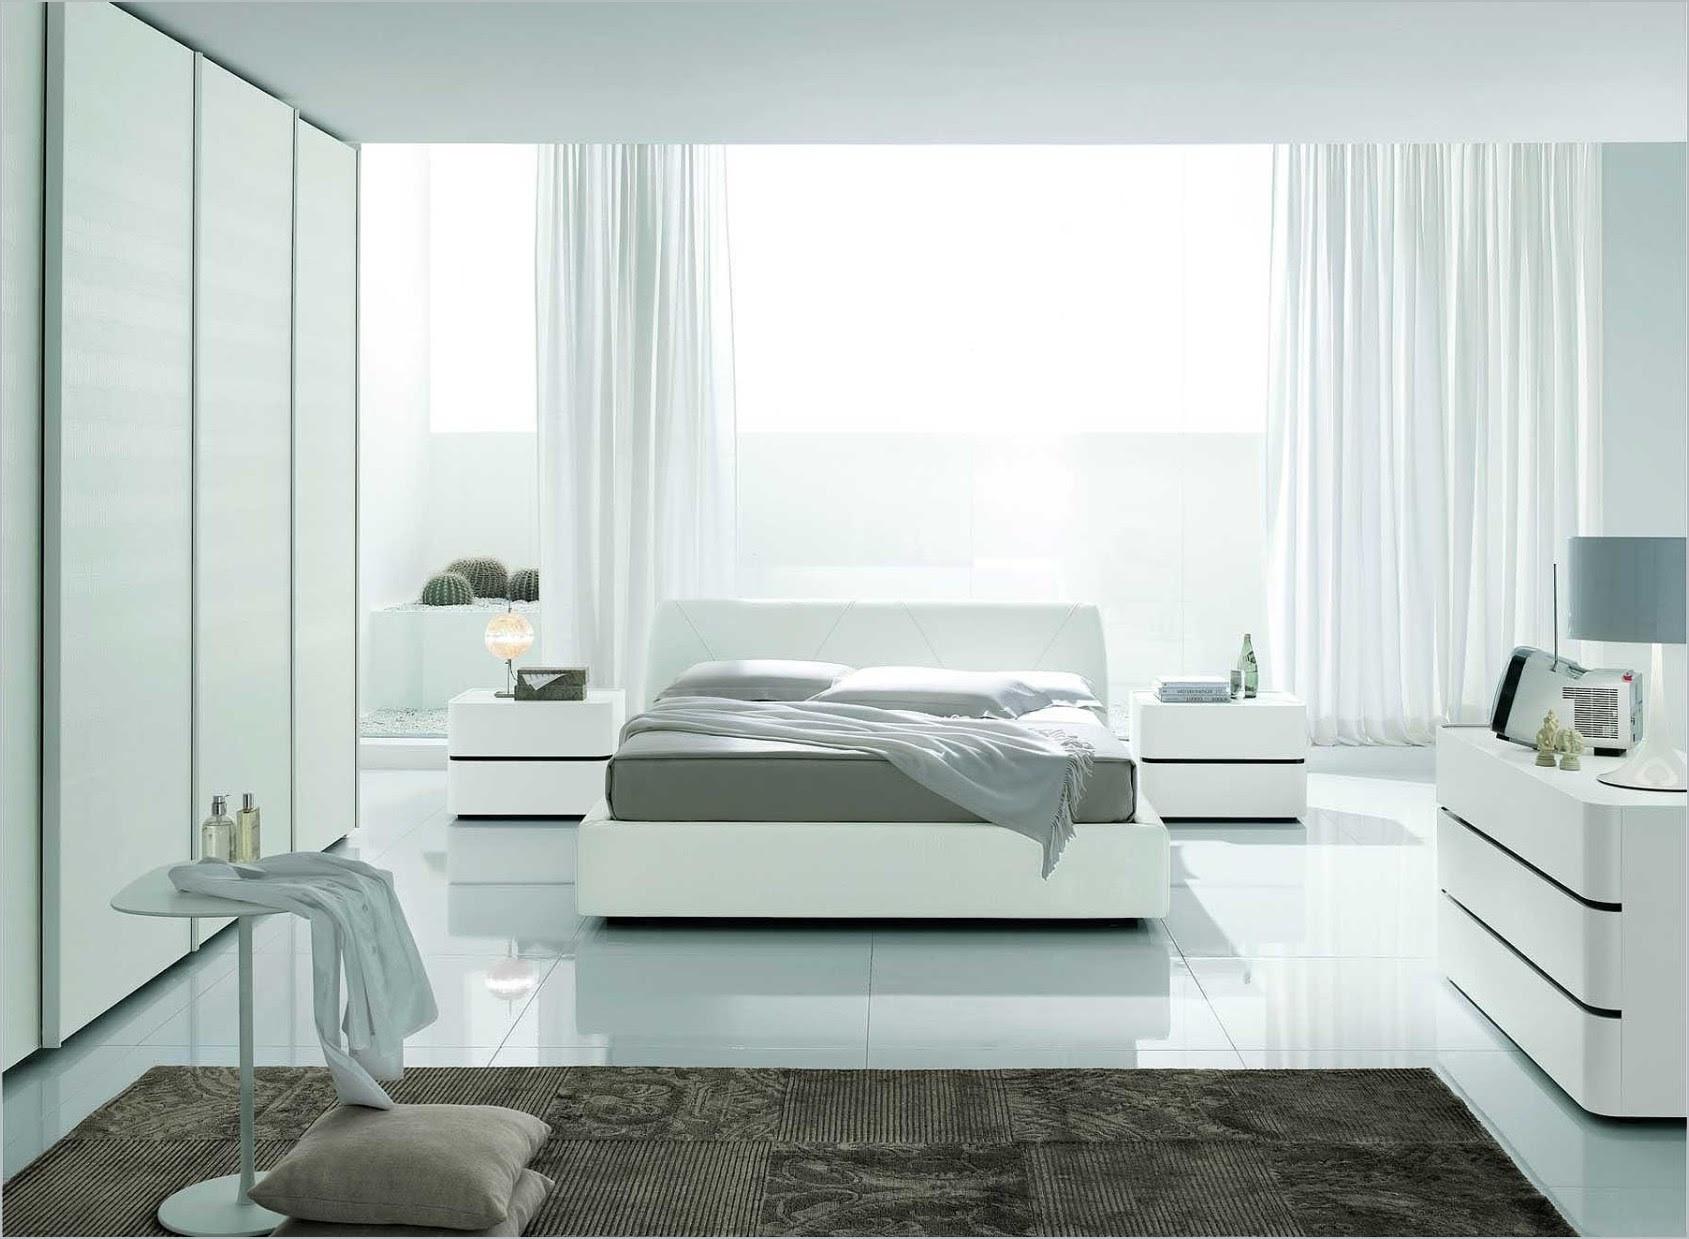 Luxury Bedroom Design Black And White Luxury Bedrooms Ideas